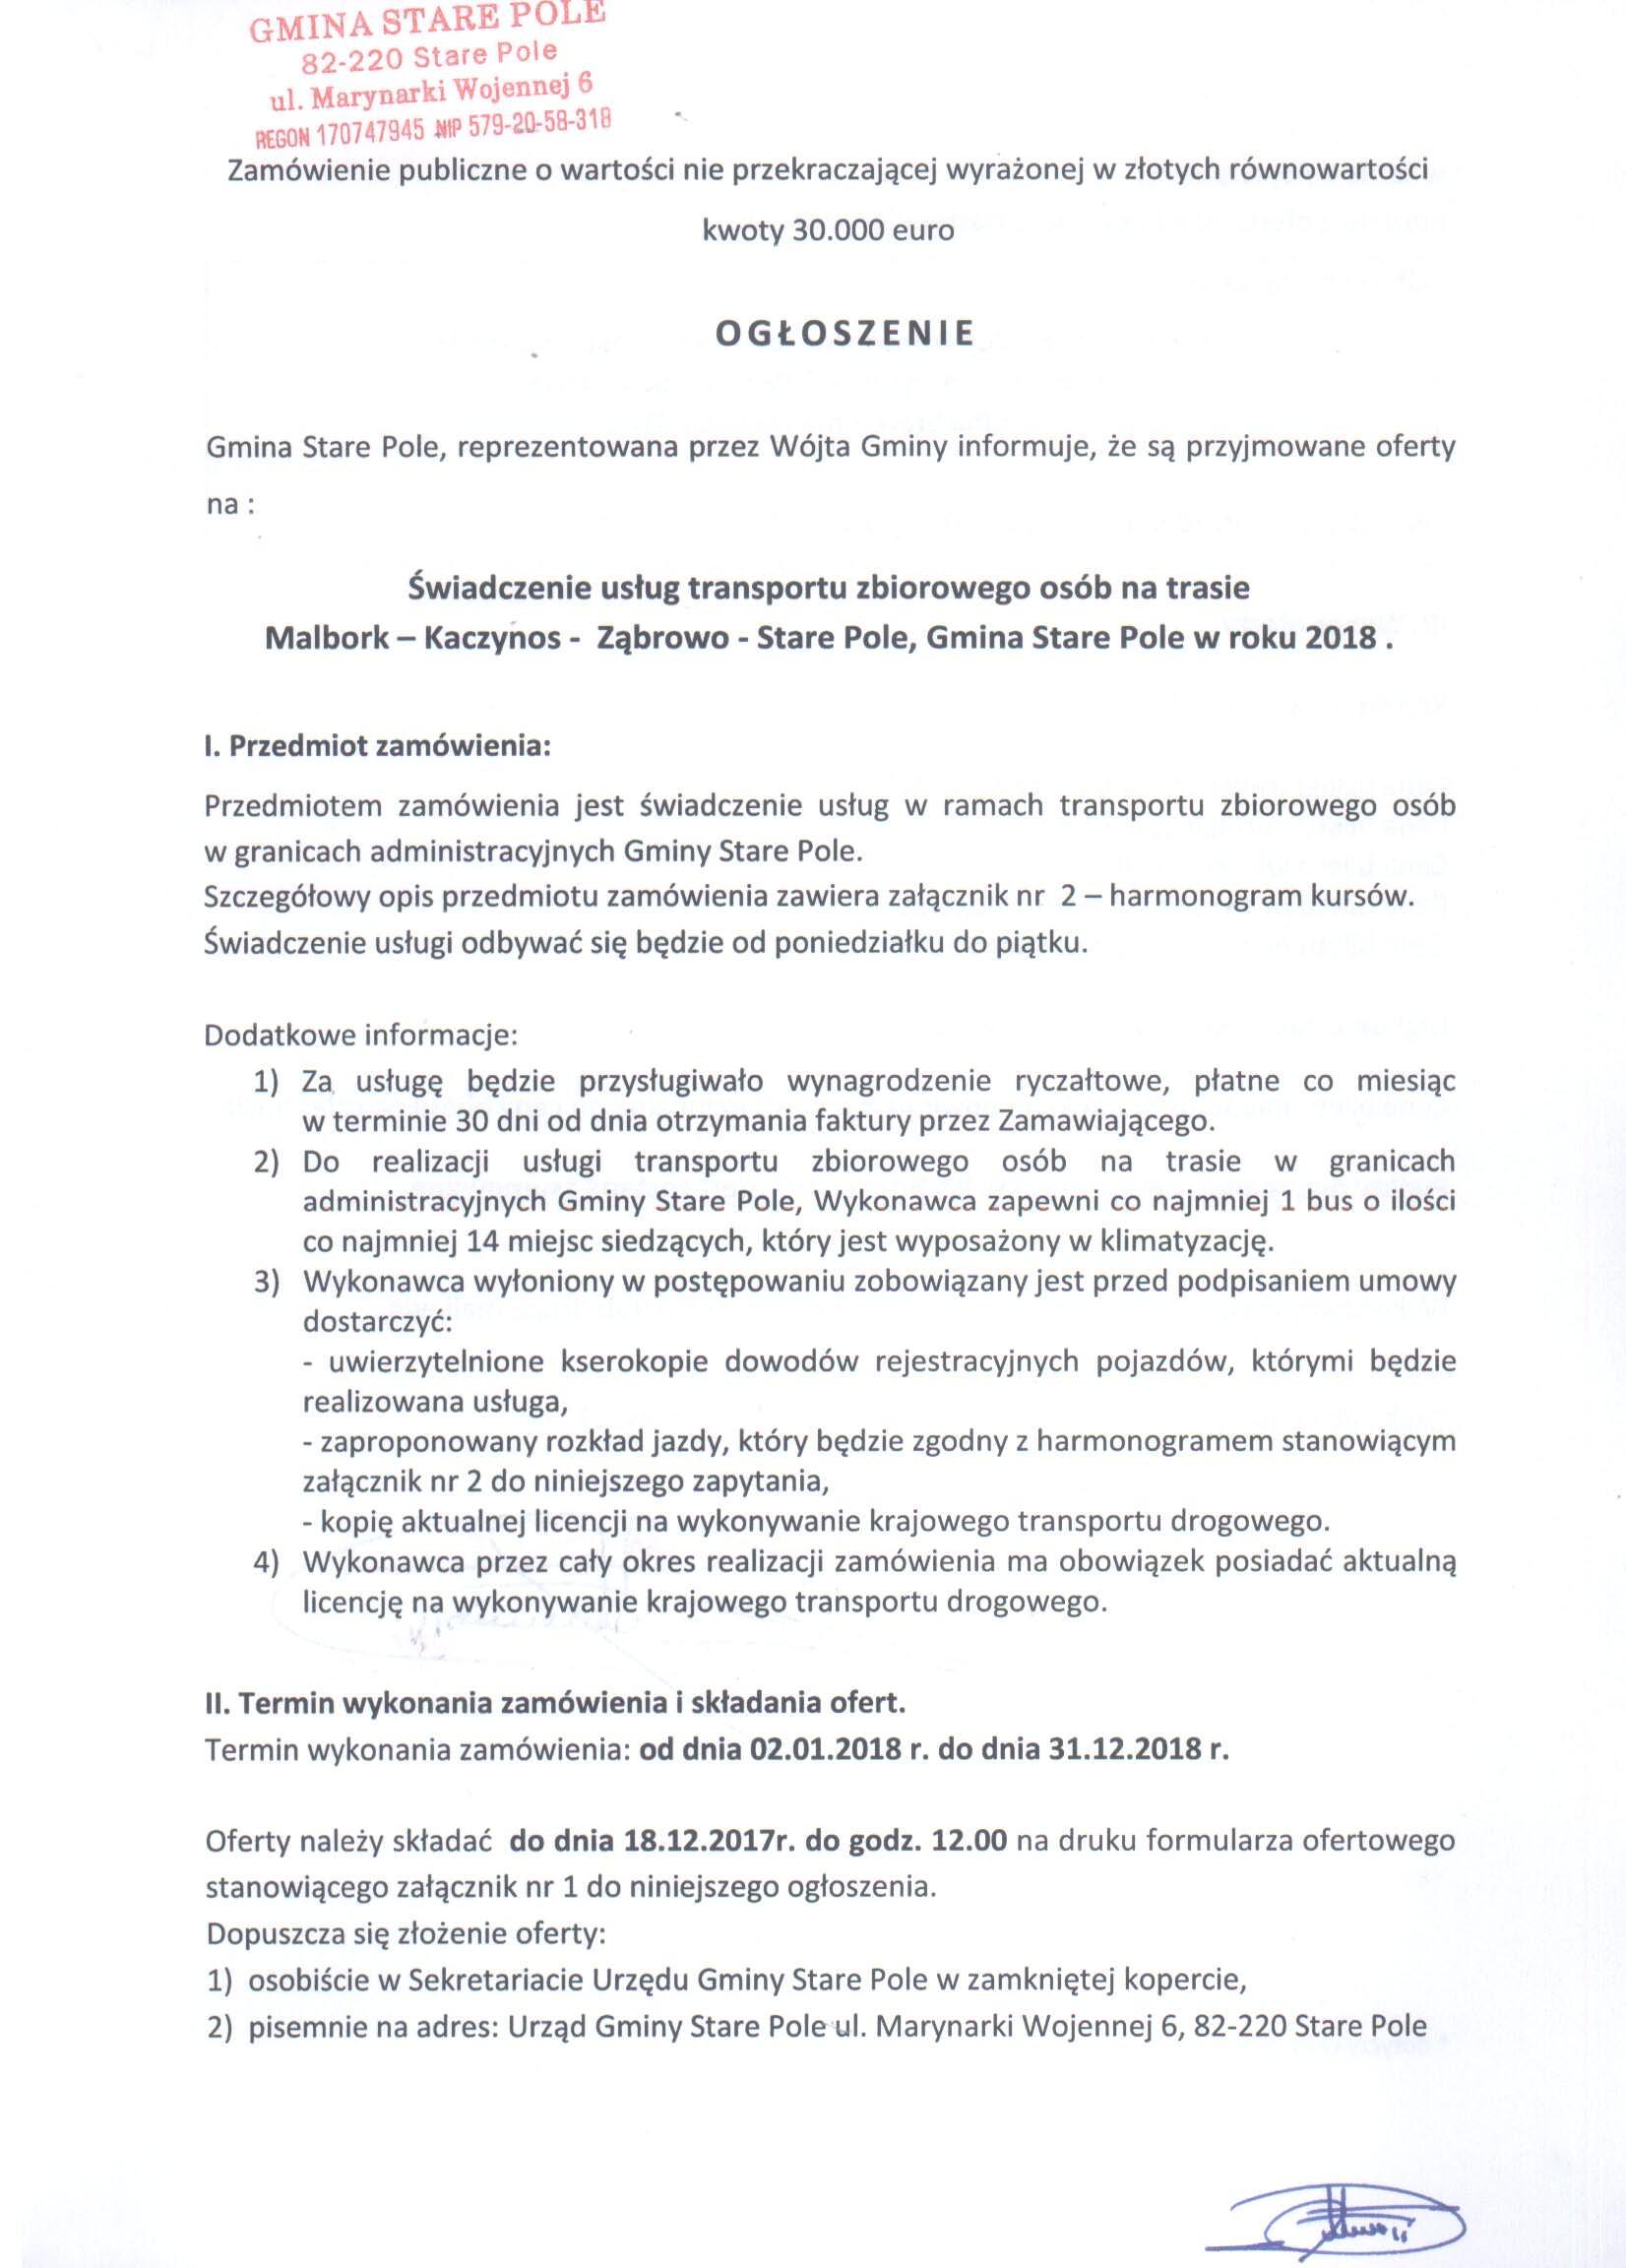 Ogłoszenie z dnia 13 grudnia 2017 r. o możliwości składania ofert - str. 1